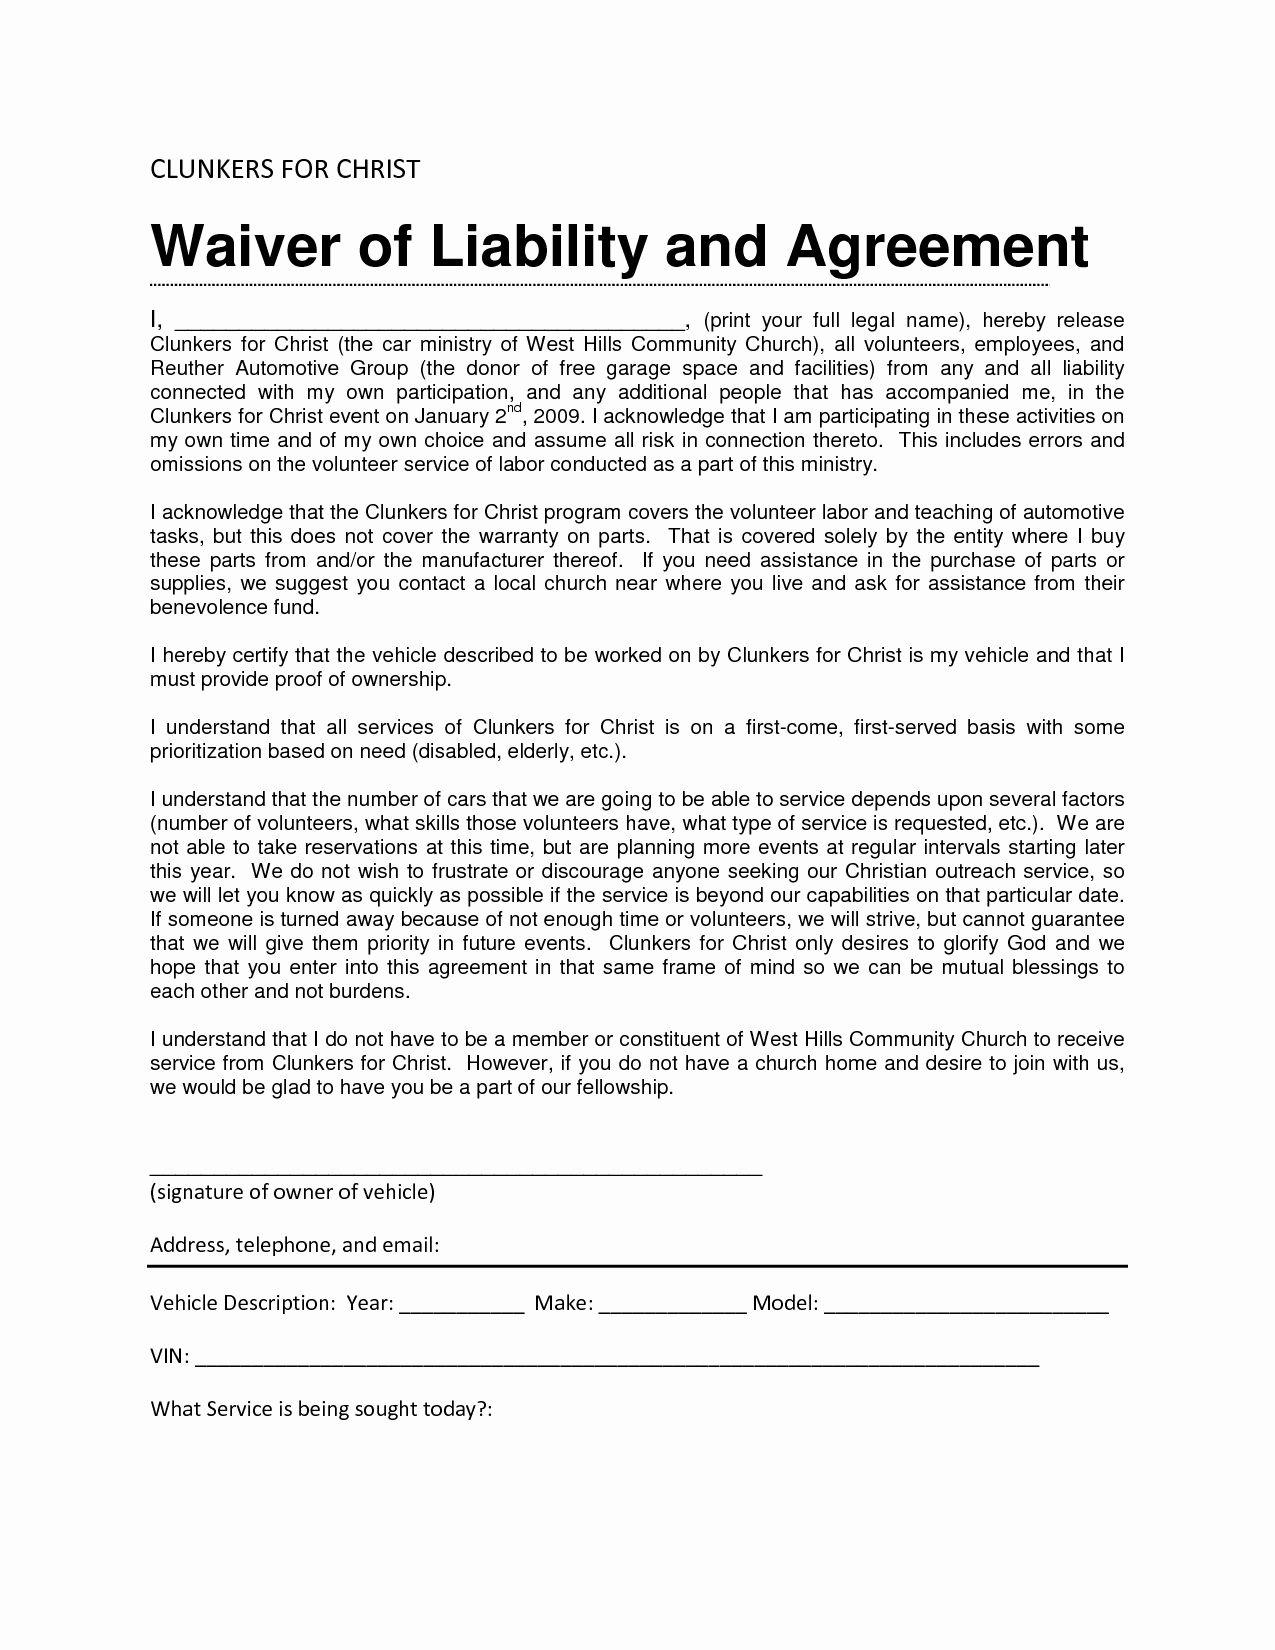 Liability Release Form Template Unique Liability Release Form Template General Liability Liability Waiver Liability